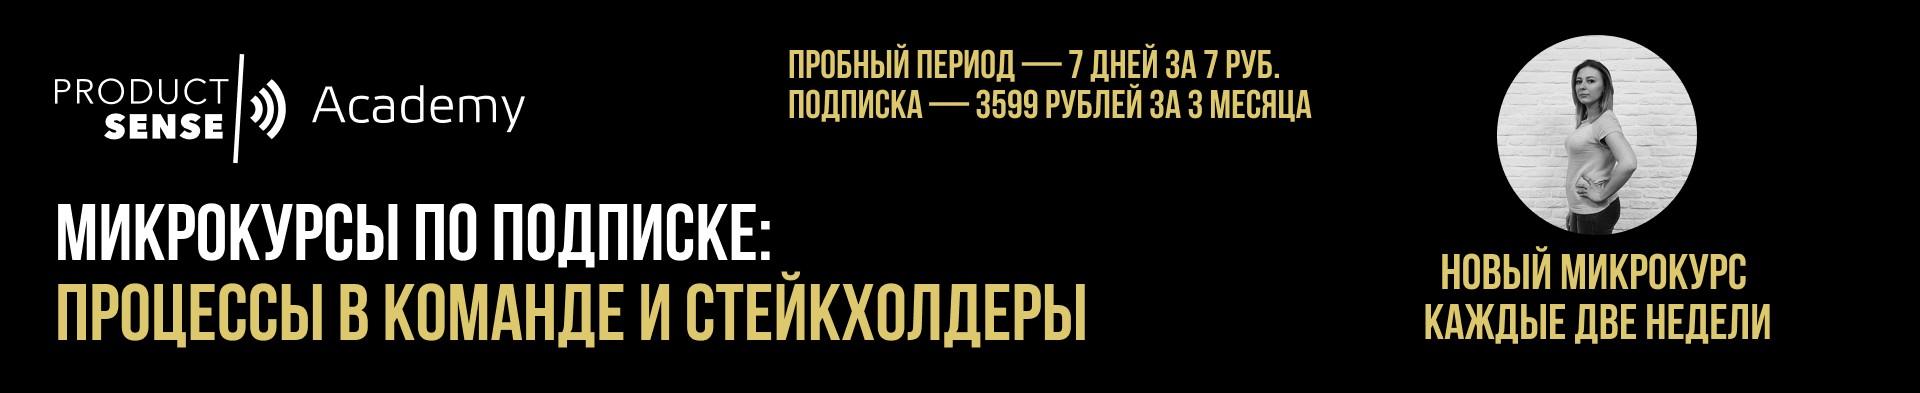 Микрокурс «Процессы в команде и стейкхолдеры» — Илона Ноженко